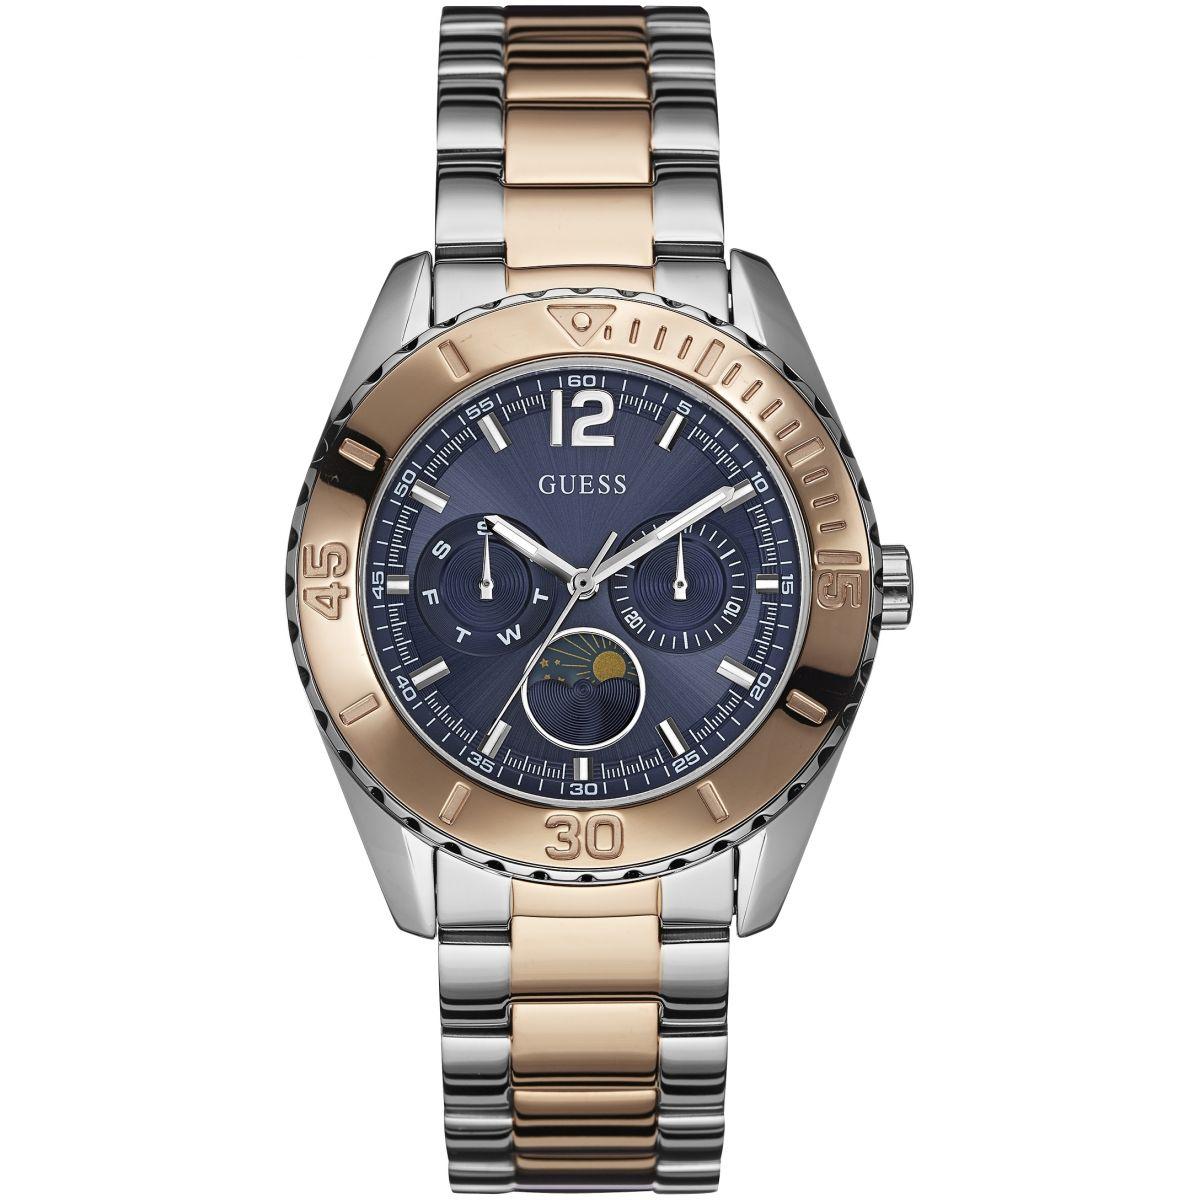 ساعت مچی عقربه ای زنانه گس مدل W0565L3